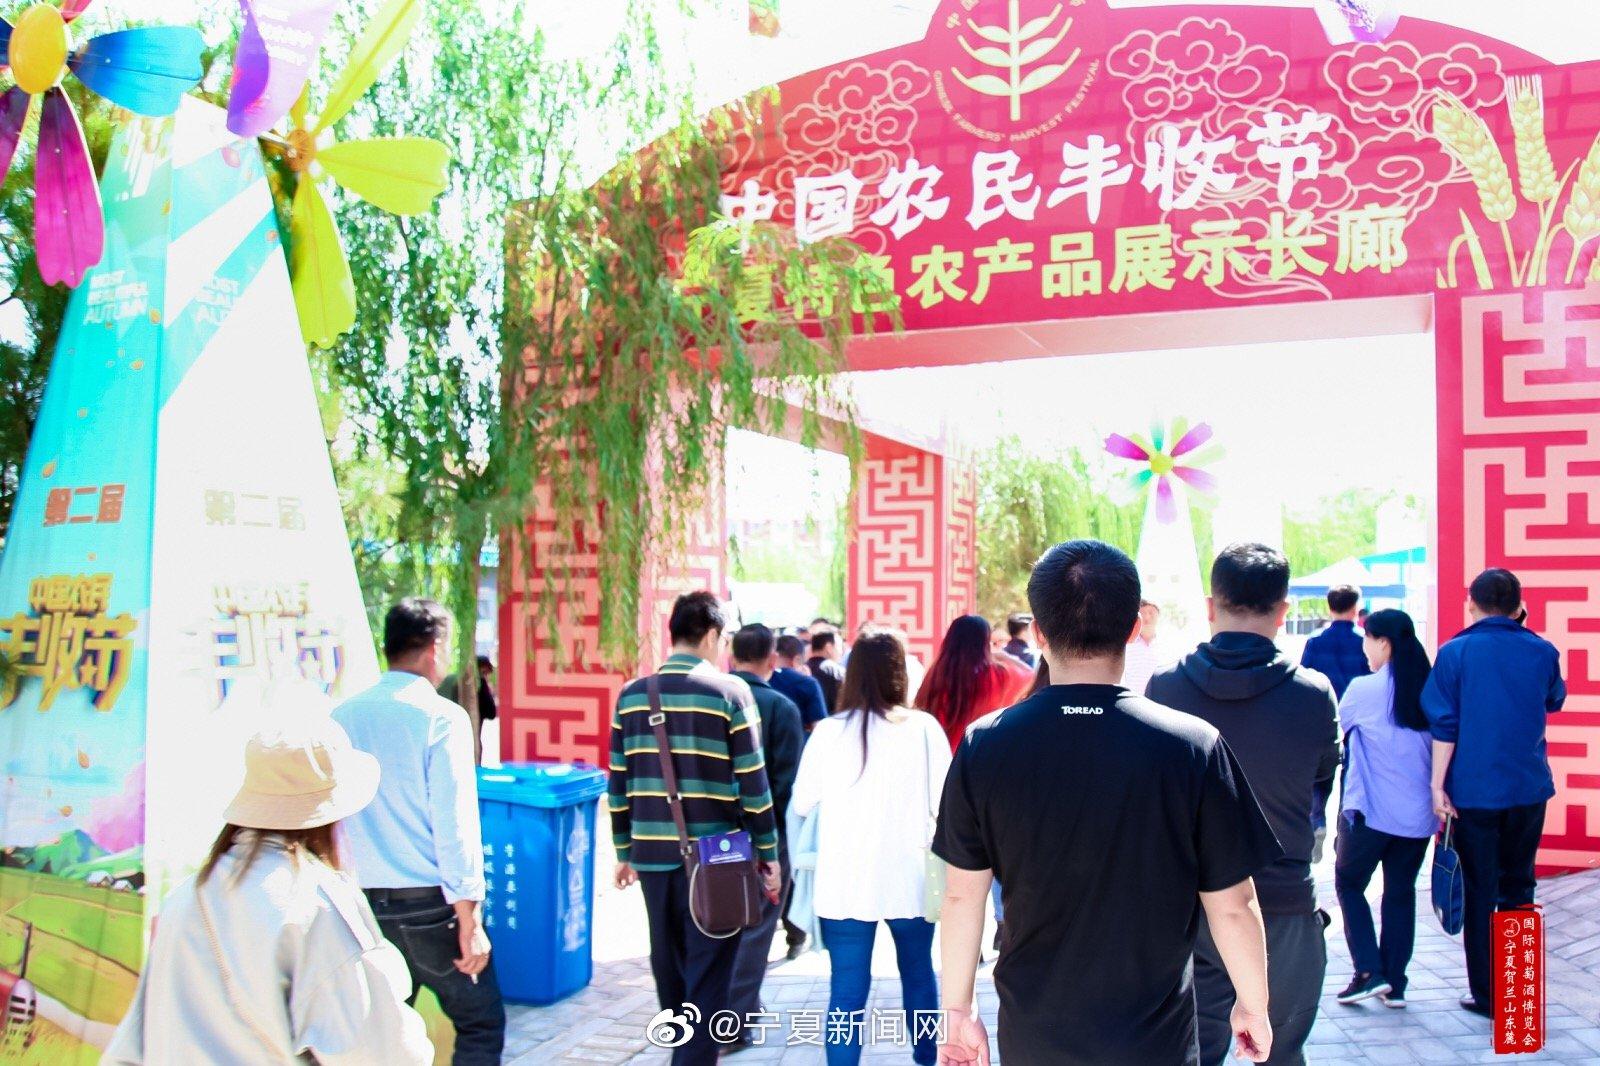 宁夏第二届暨贺兰山东麓国际葡萄酒博览会开幕